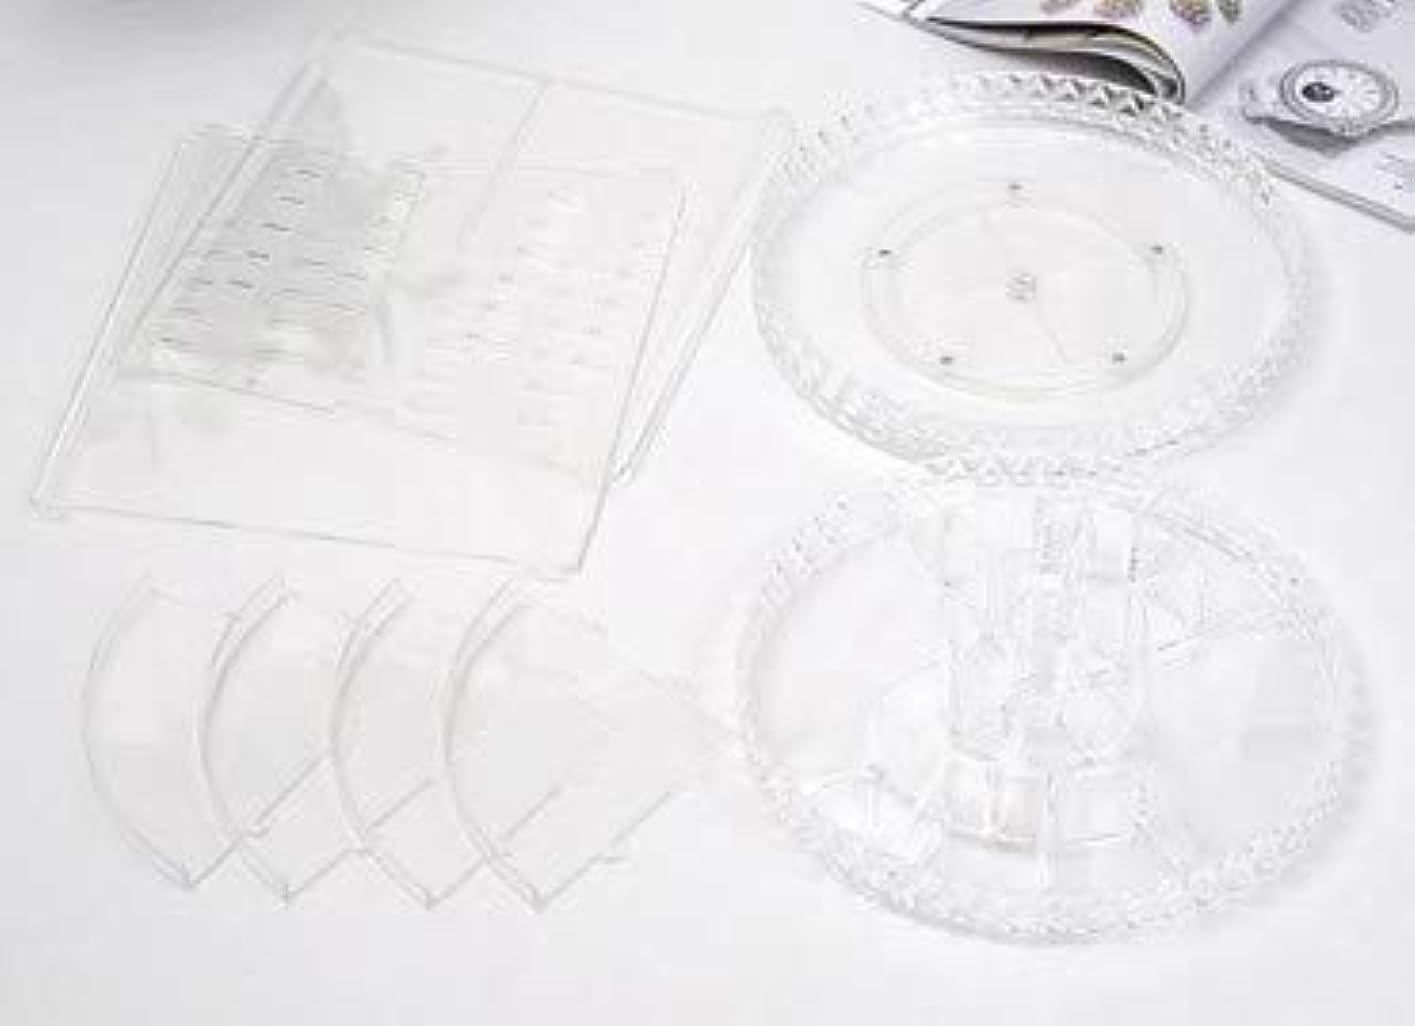 レギュラー革新欺回転化粧品収納ボックスダイヤモンド透明化粧品ケーススキンケア製品ディスプレイボックスデスクトップ収納ボックス